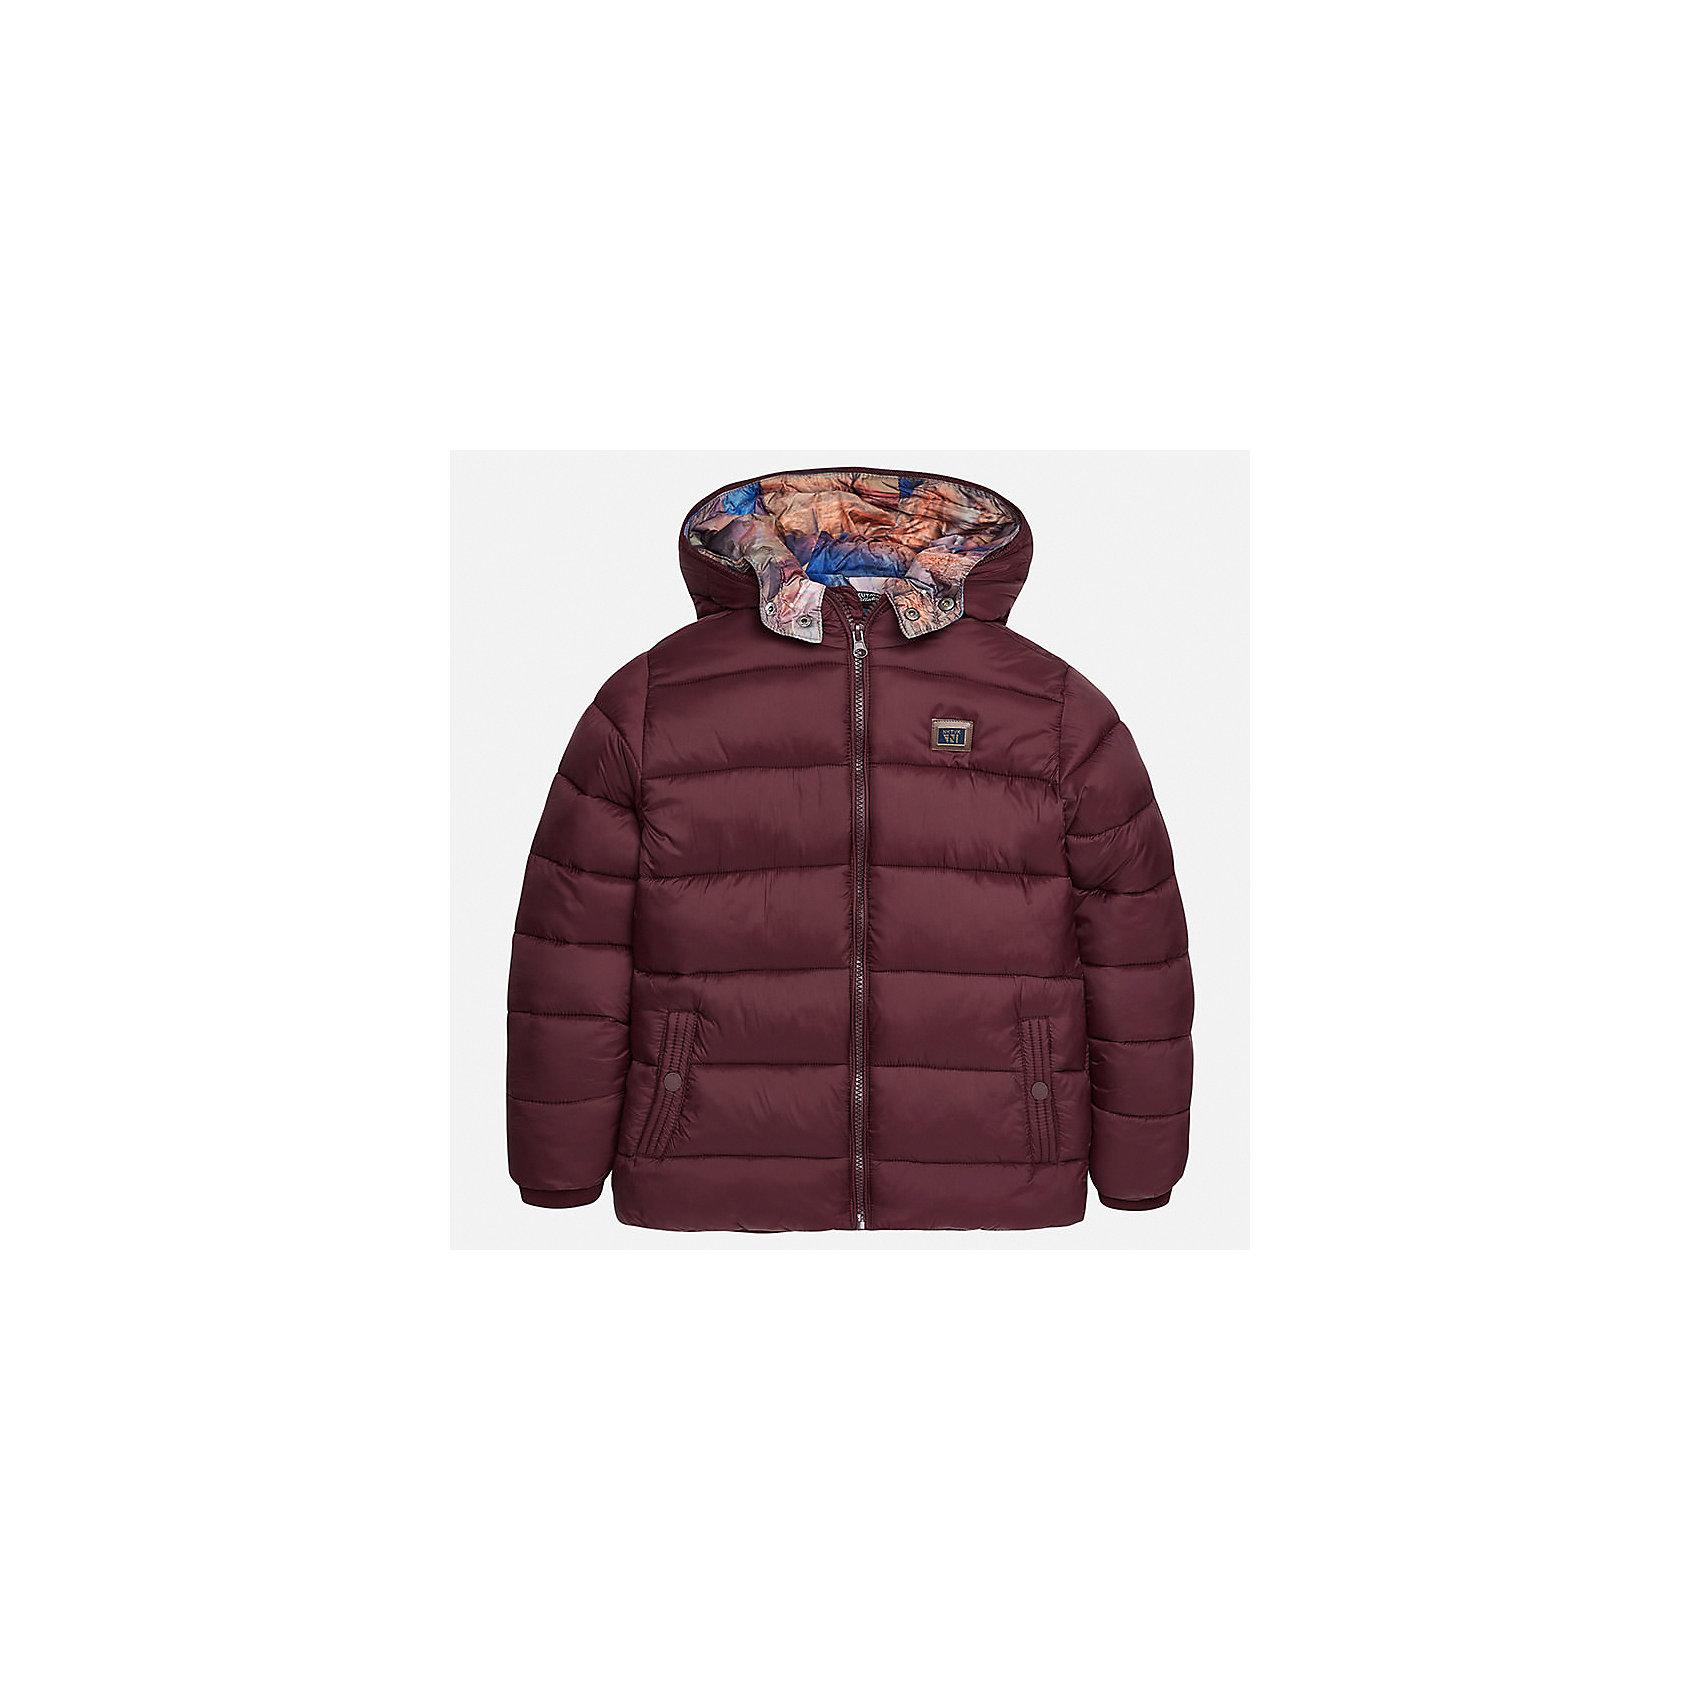 Куртка для мальчика MayoralВерхняя одежда<br>Характеристики товара:<br><br>• цвет:коричневый;<br>• сезон: демисезон;<br>• температурный режим: от 0 до +10С;<br>• состав ткани: 100% полиамид;<br>• состав подкладки и наполнителя: 100% полиэстер;<br>• на молнии;<br>• капюшон:  отстегивается, без меха;<br>• страна бренда: Испания;<br>• страна изготовитель: Китай.<br><br>Утепленная демисезонная куртка для мальчика с двойным капюшоном от популярного бренда Mayoral несомненно понравится вам и вашему ребенку. Качественные ткани, безупречное исполнение, все модели в центре модных тенденций. <br><br>Стеганная модель коричнего цвета выполнена из мягкой плащевой  ткани и внутренней плащевой подкладки, обеспечивающие хорошую воздухопроницаемую защиту,  рукава и пояс на внутренних трикотажных манжетах. Застегивается на молнию, дополнена боковыми врезными карманами. Двойной капюшон: внешний плащевый и внутренний  трикотажный с принтом, съемный (на молнии), с фиксацией на кнопки.   Декорирована  нашивкой-логотипом на на груди.<br><br>Легкая и теплая куртка с капюшоном и карманами на холодную осень-весну. Грамотный крой изделия обеспечивает отличную посадку по фигуре. Все эти преимущества делают данную модель незаменимой для активных прогулок и повседневной носки.<br><br>Утепленная демисезонная куртка для мальчика Mayoral (Майорал) можно купить в нашем интернет-магазине.<br><br>Ширина мм: 356<br>Глубина мм: 10<br>Высота мм: 245<br>Вес г: 519<br>Цвет: коричневый<br>Возраст от месяцев: 168<br>Возраст до месяцев: 180<br>Пол: Мужской<br>Возраст: Детский<br>Размер: 170,128/134,140,152,158,164<br>SKU: 6938852